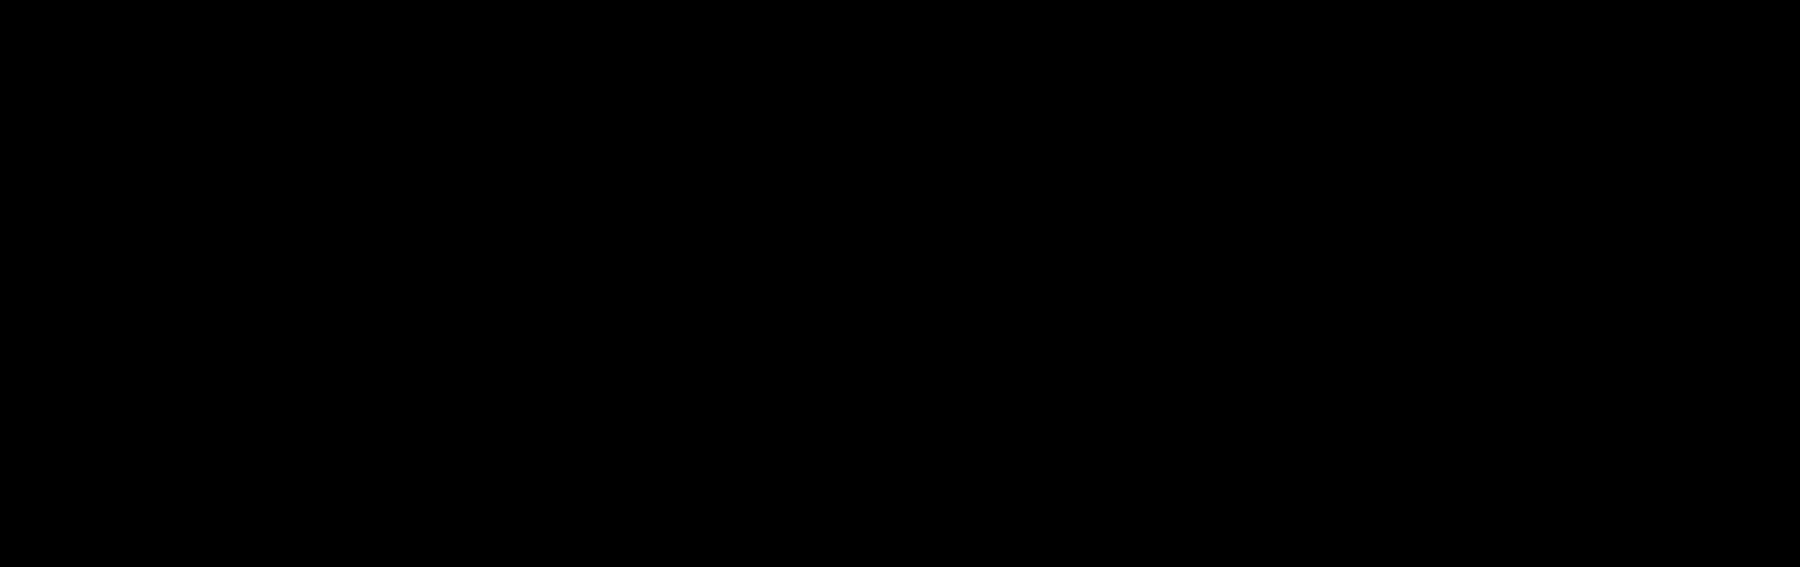 M350 logo